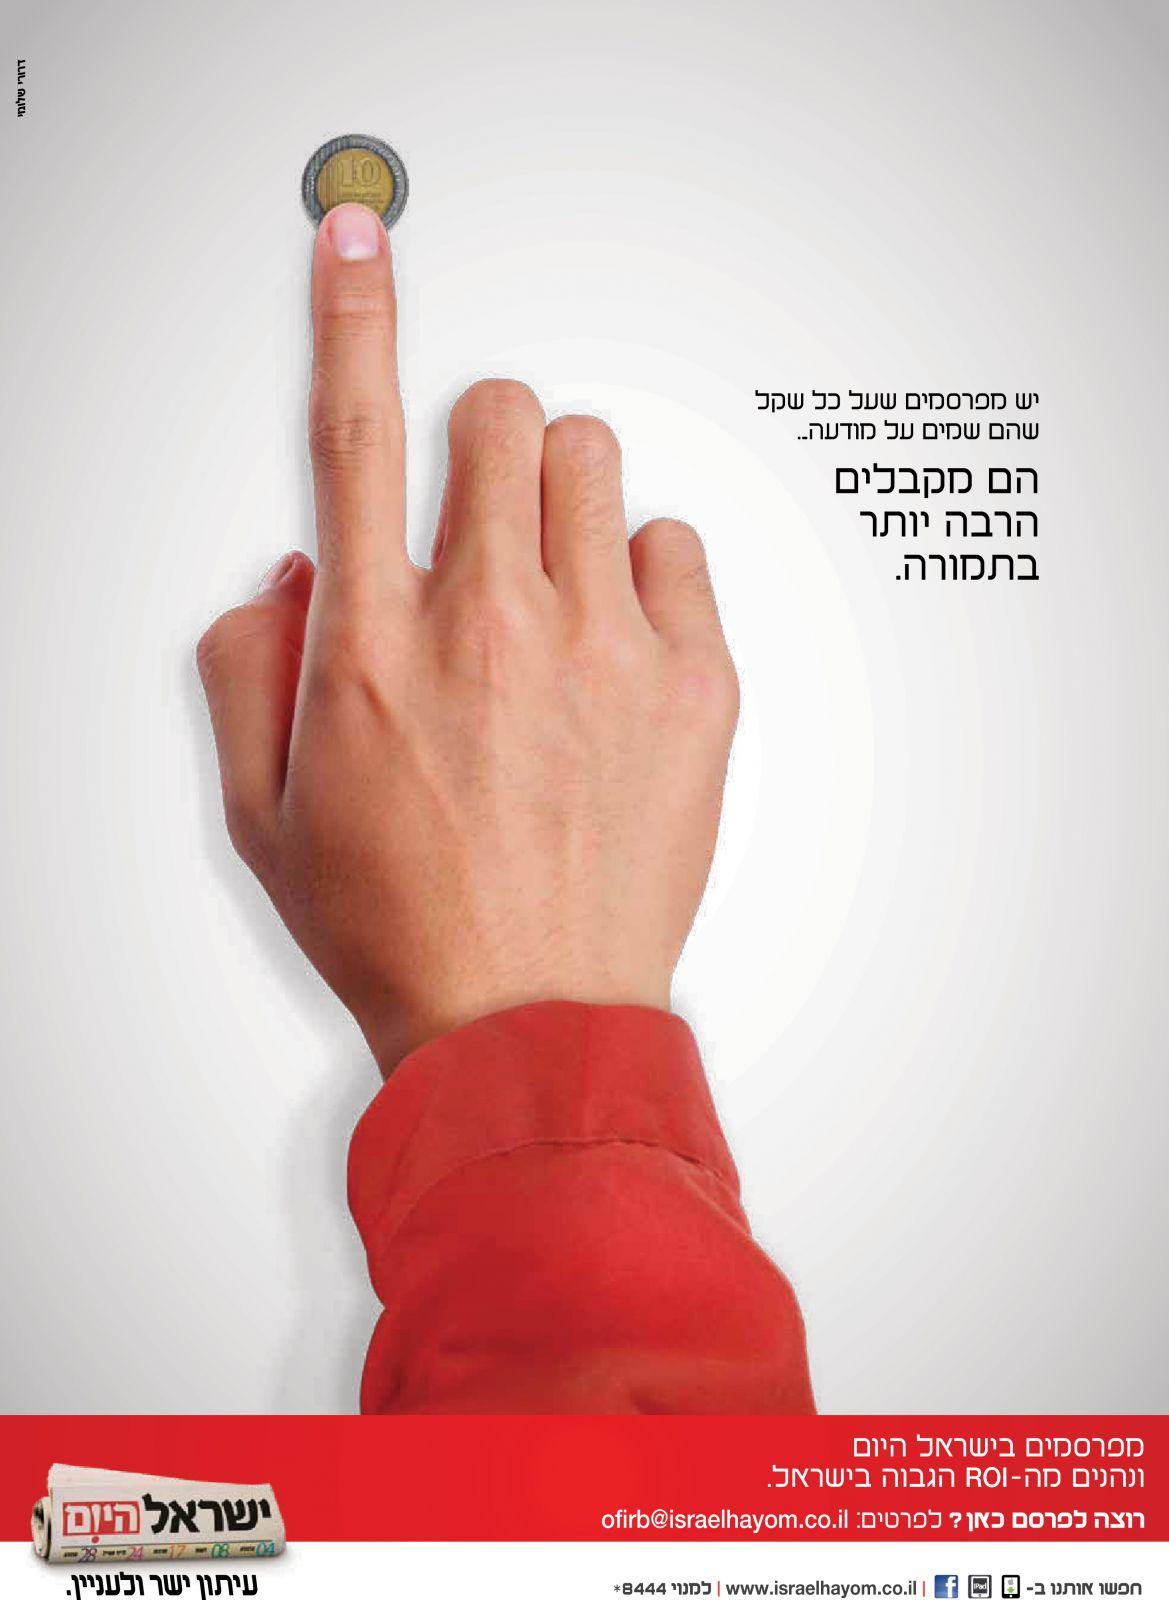 """פרסומת עצמית של מחלקת המודעות ב""""ישראל היום"""", 2014-2013"""